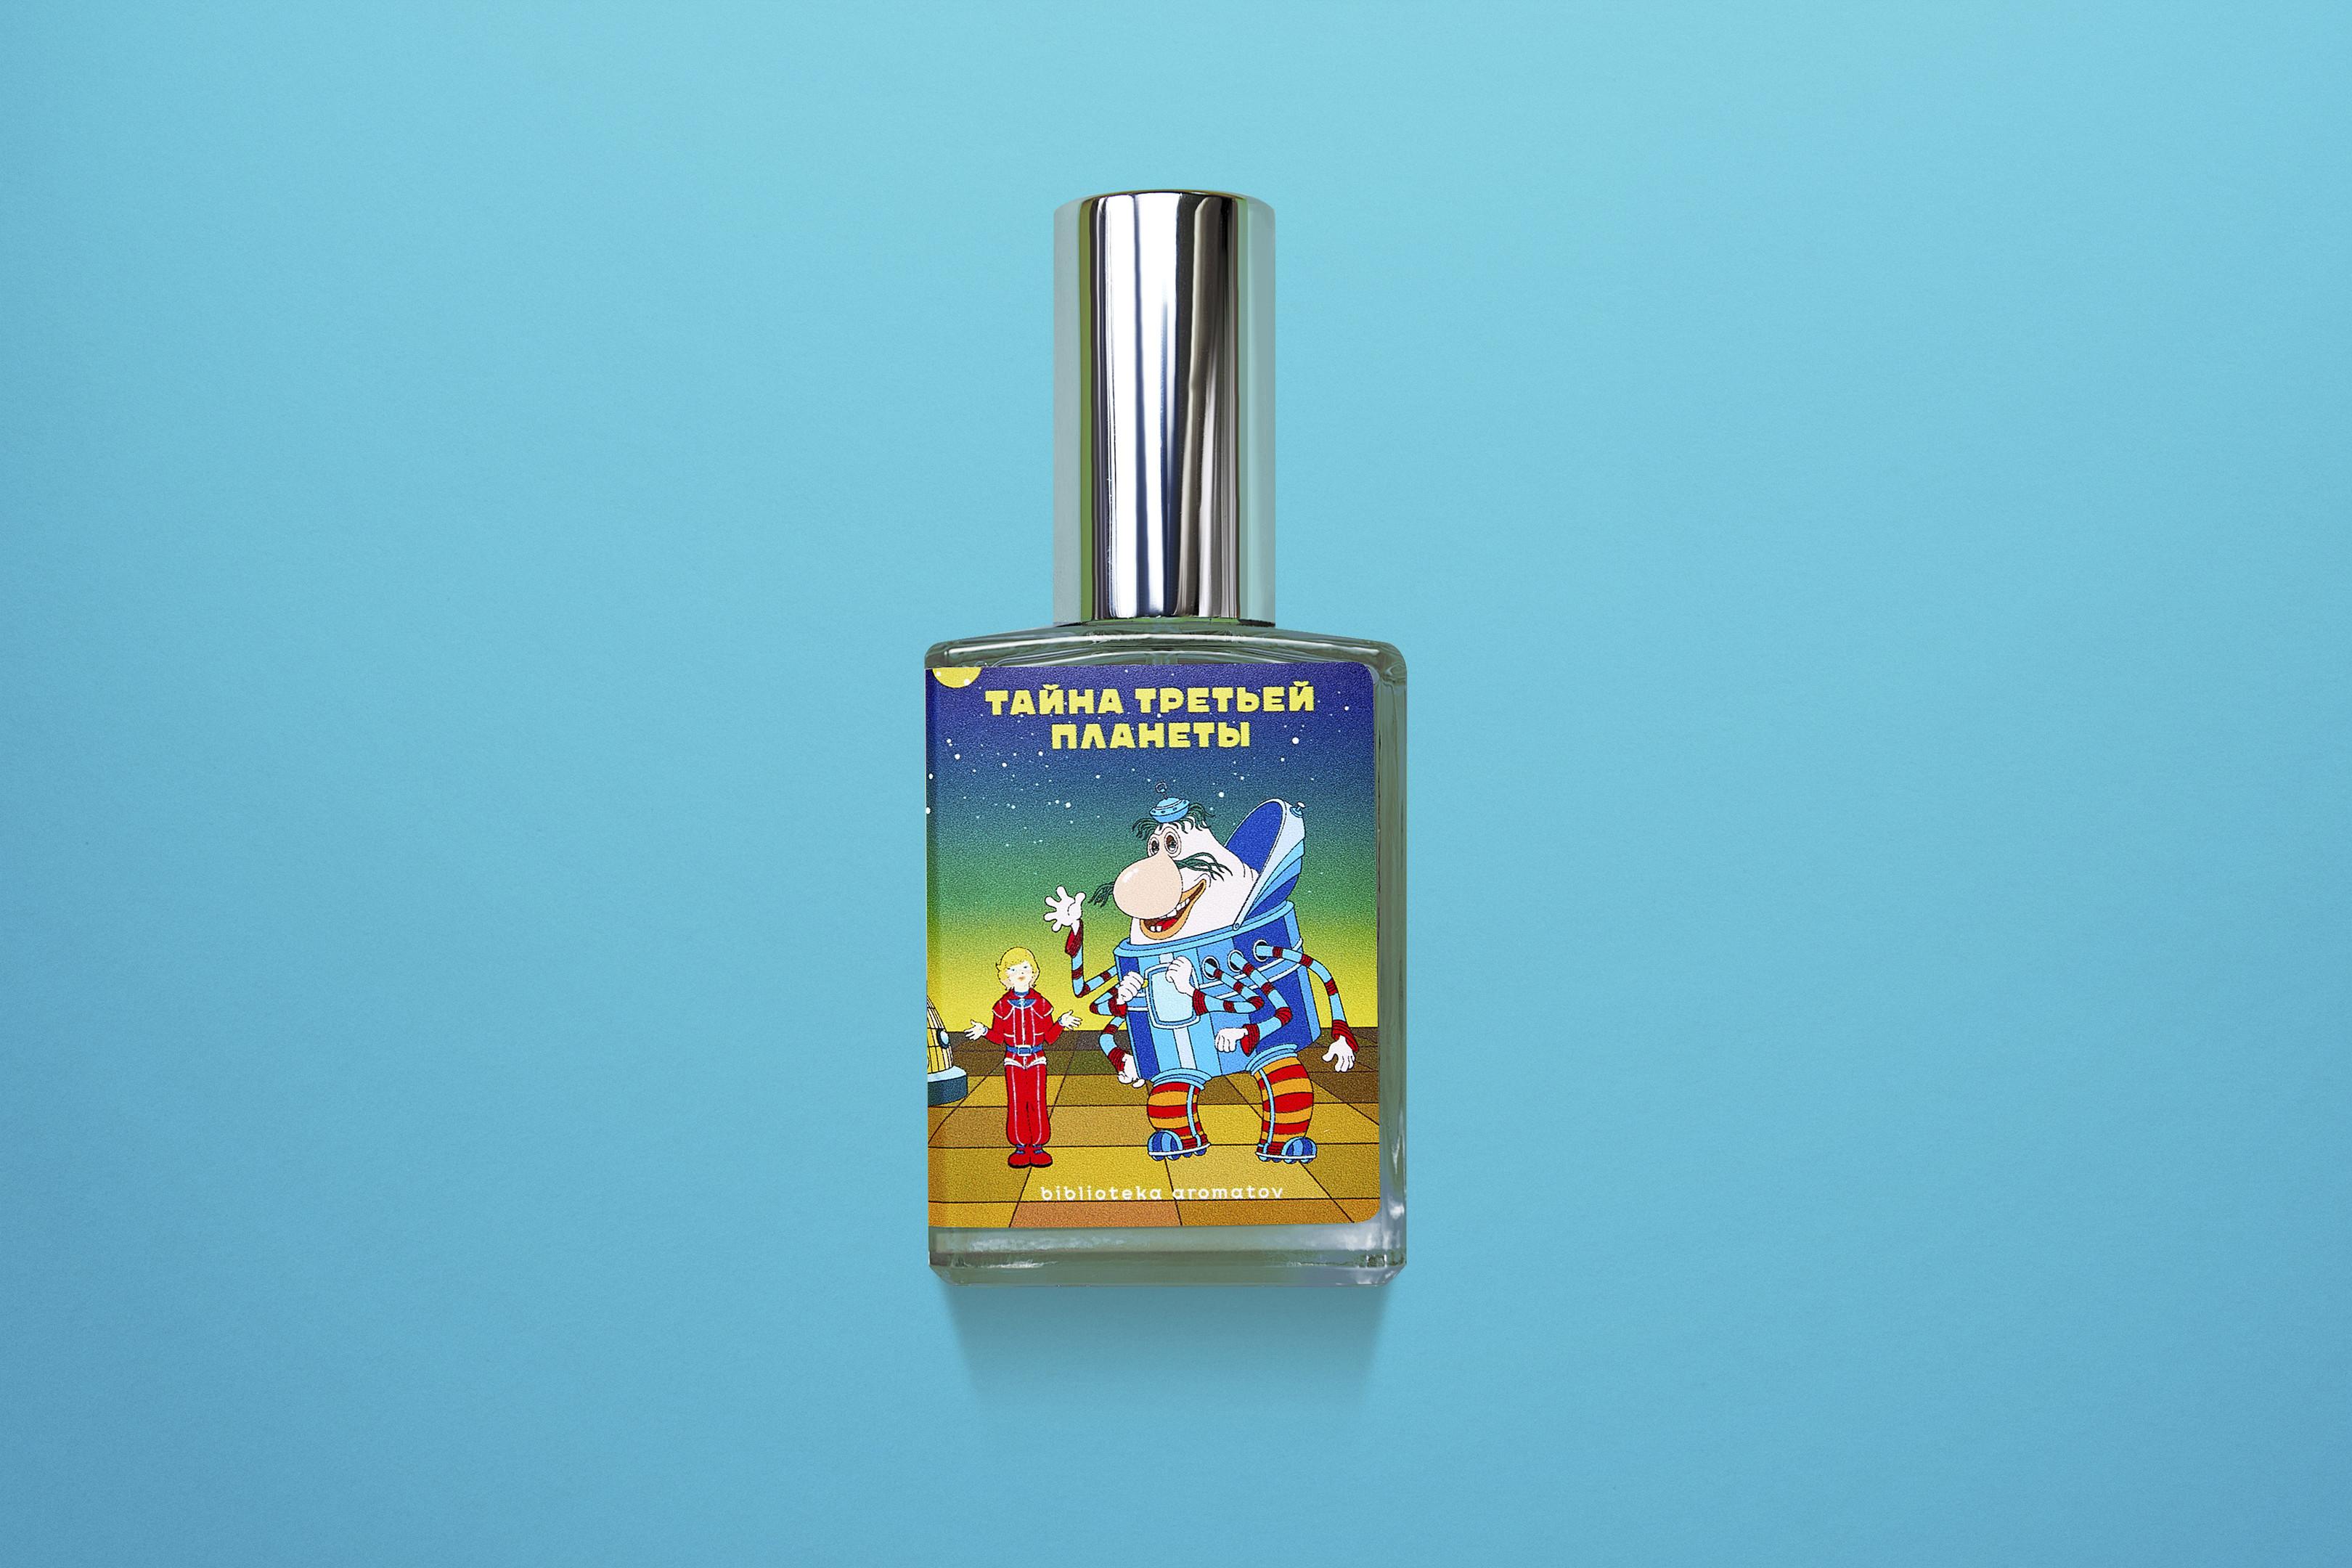 Студия «Союзмультфильм» выпустила линейку ароматов с запахами мультфильмов (фото 1)